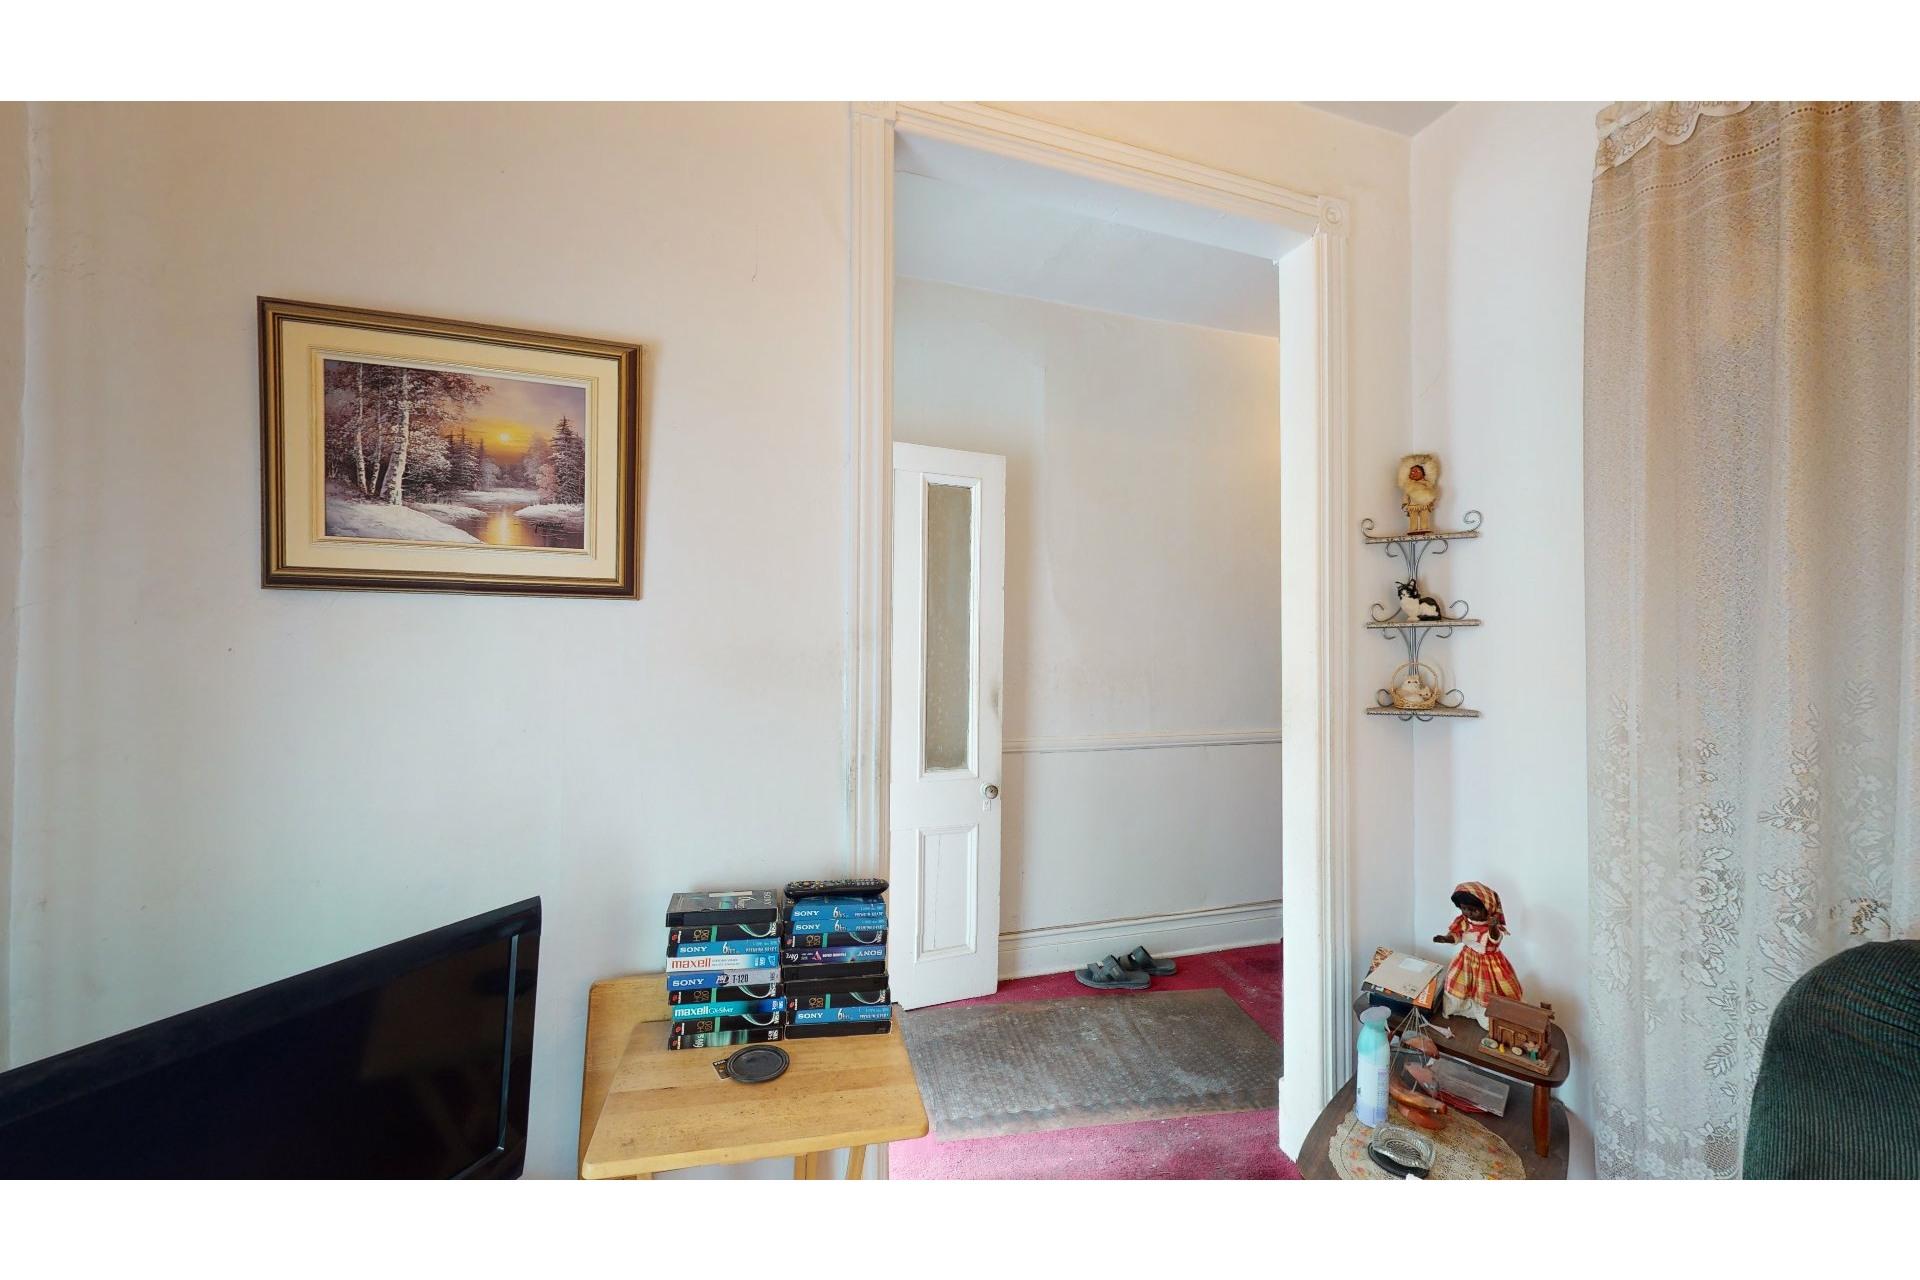 image 24 - Duplex À vendre Rosemont/La Petite-Patrie Montréal  - 7 pièces